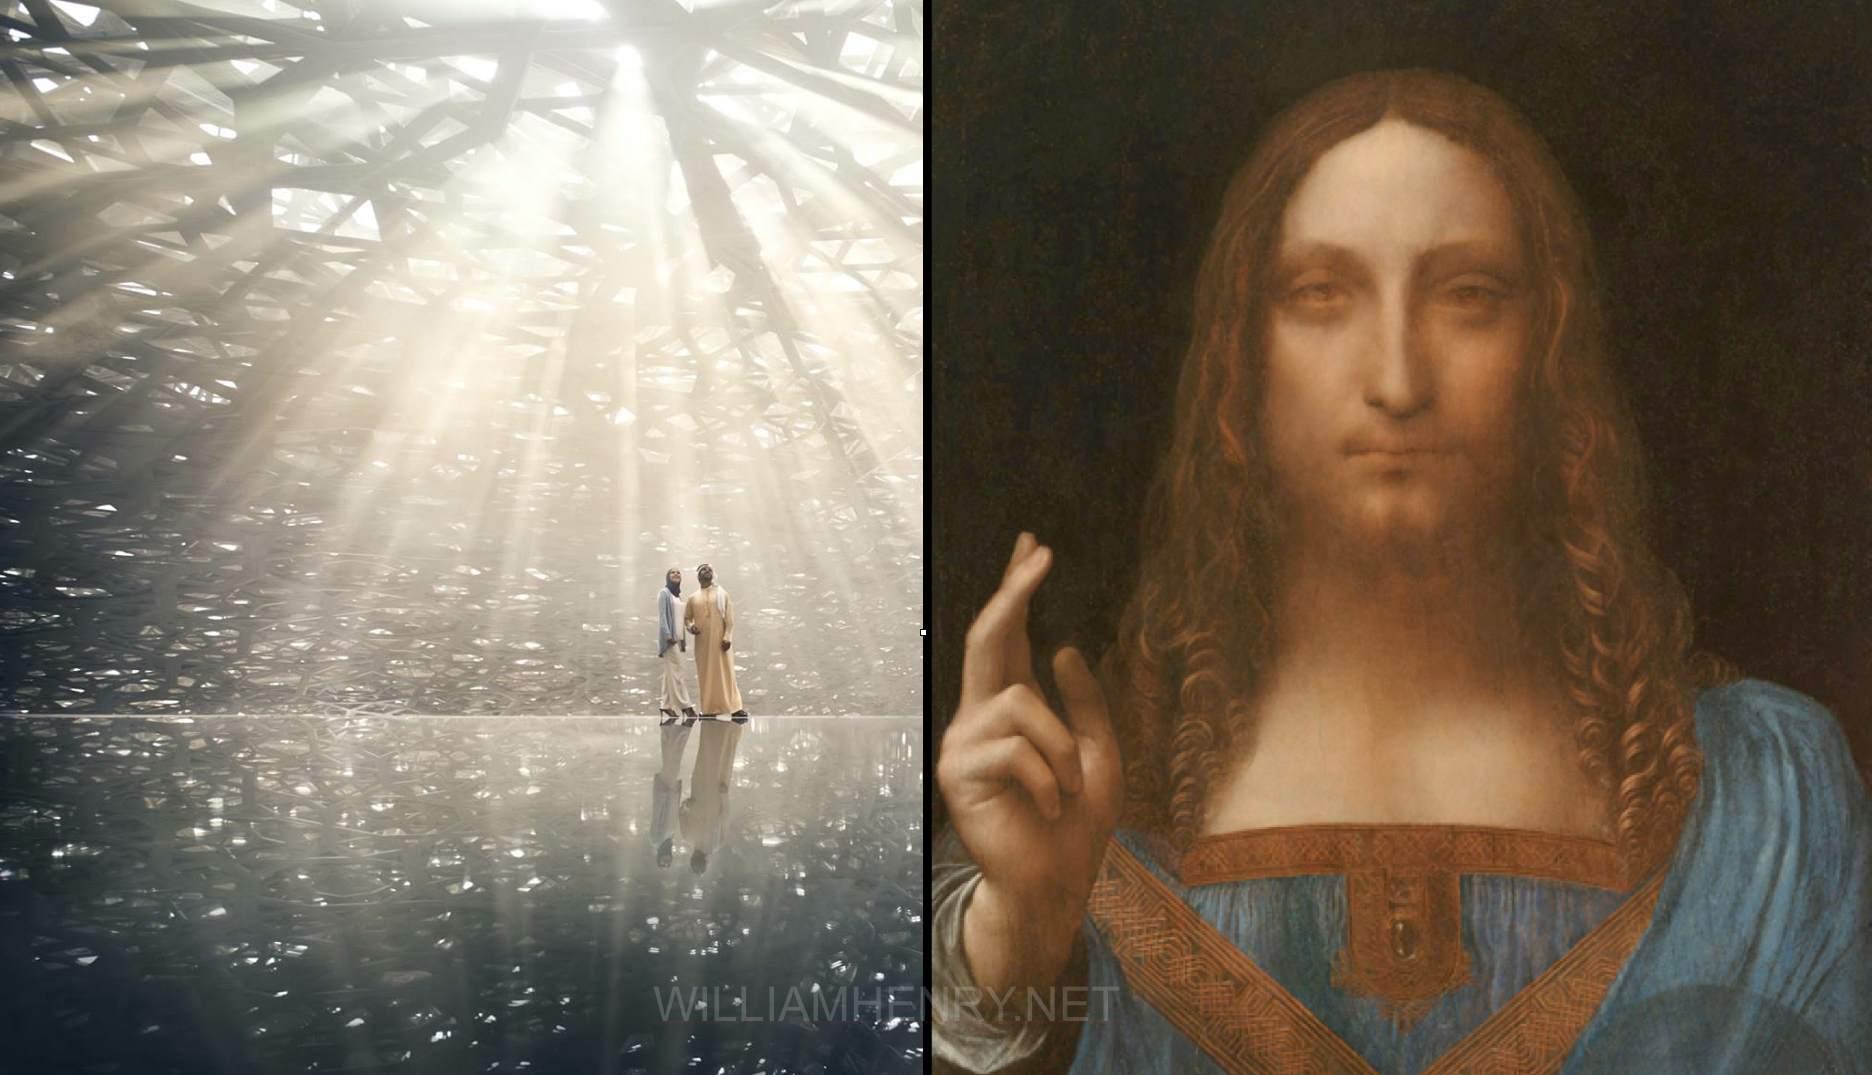 http://www.williamhenry.net/wp-content/uploads/2017/12/WILLIAM-HENRY-LIGHT-RAIN-4.jpg